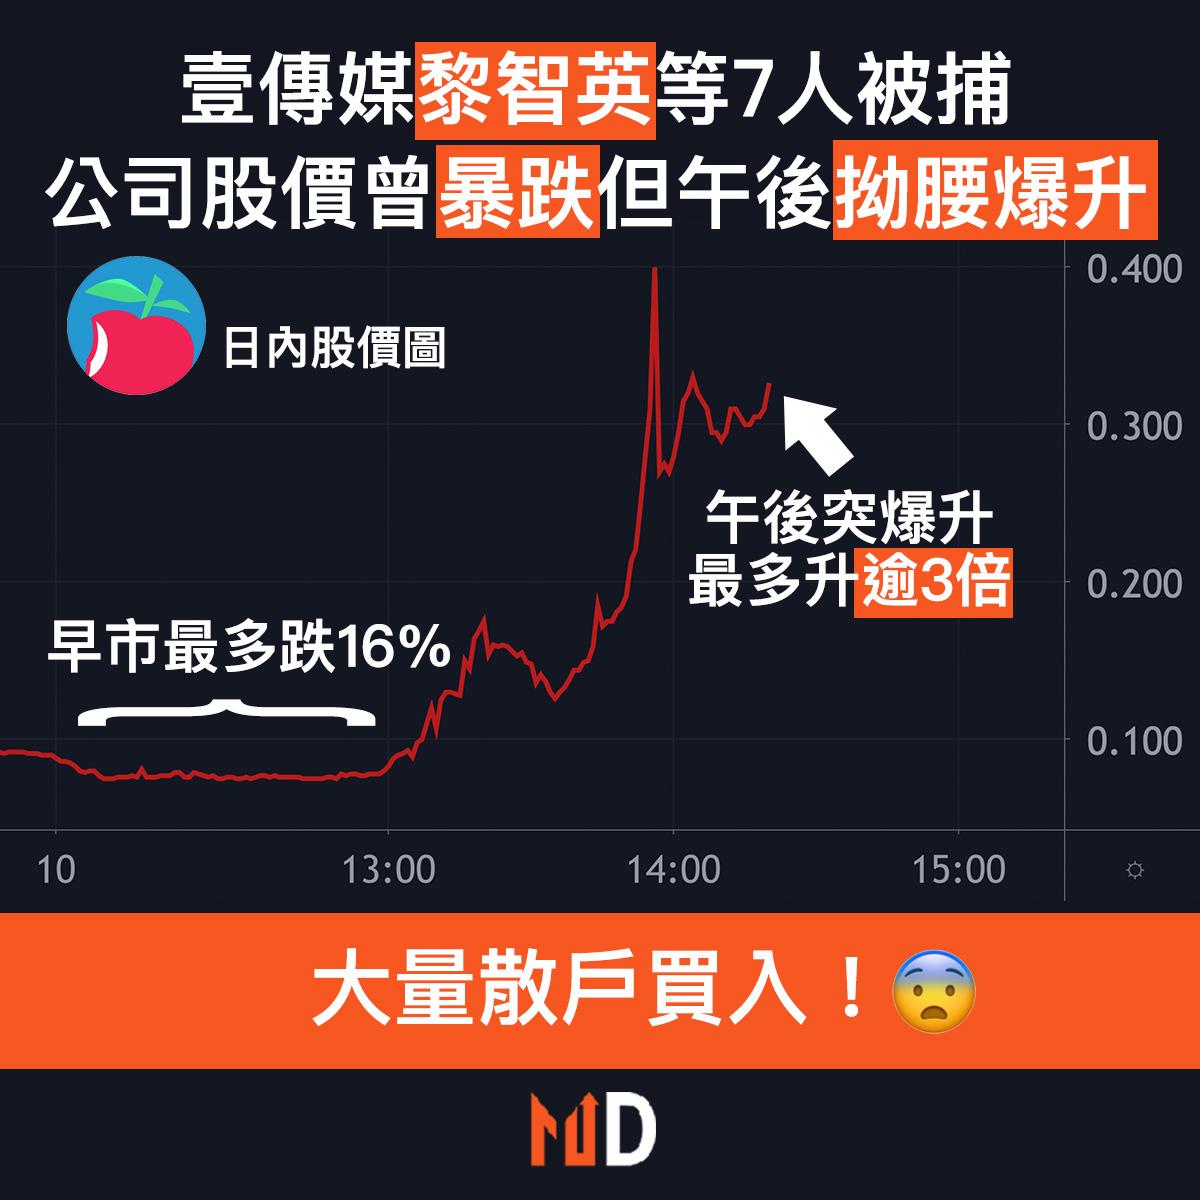 【市場熱話】壹傳媒黎智英等7人被捕,公司股價曾暴跌但午後拗腰爆升逾3倍!